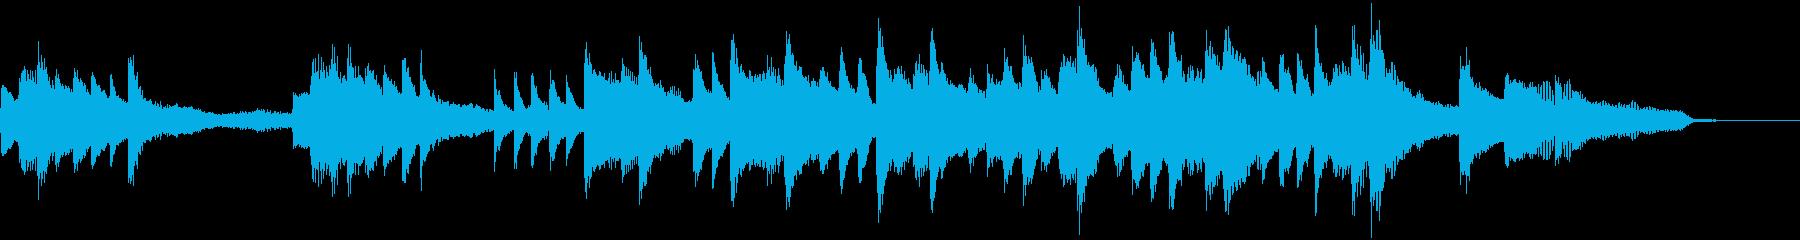 映像・ナレーション用ピアノ演奏(風)の再生済みの波形